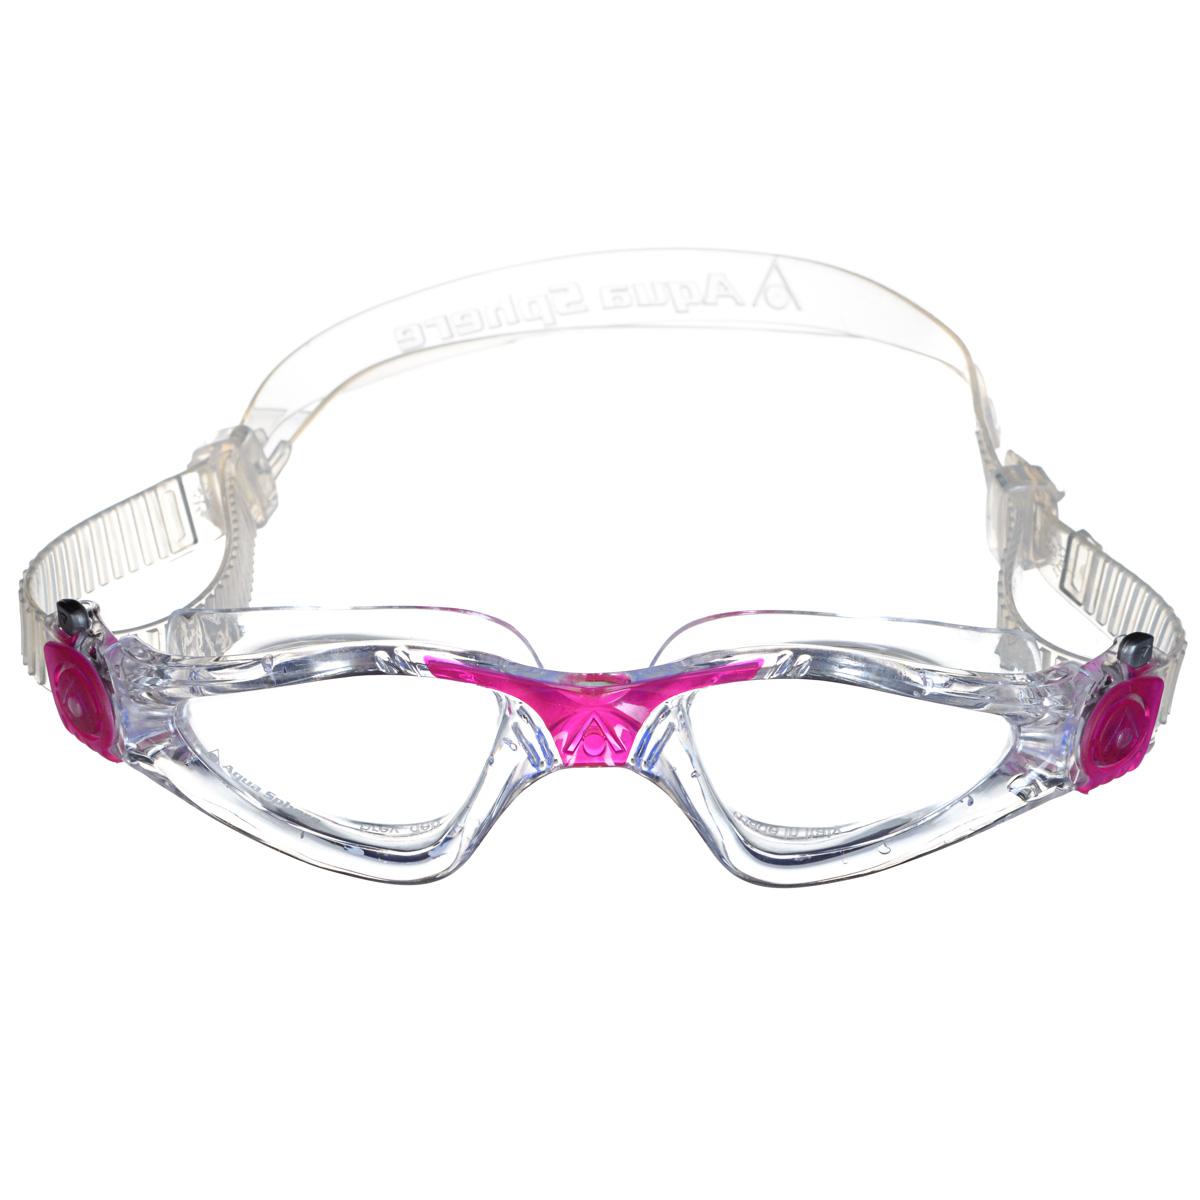 Очки для плавания Aqua Sphere Kayenne Lady, цвет: прозрачный, розовыйTN 170910Модные и стильные очки для плавания Aqua Sphere Kayenne Lady идеально подходят для плавания в бассейне или открытой воде. Оснащены линзами с антизапотевающим покрытием, которые устойчивы к появлению царапин. Мягкий комфортный обтюратор плотно прилегает к лицу.Запатентованные изогнутые линзы дают прекрасный обзор на 180° - без искажений. Рамка имеет гидродинамическую форму. Очки оснащены удобными быстрорегулируемыми пряжками.Материал: софтерил, plexisol.